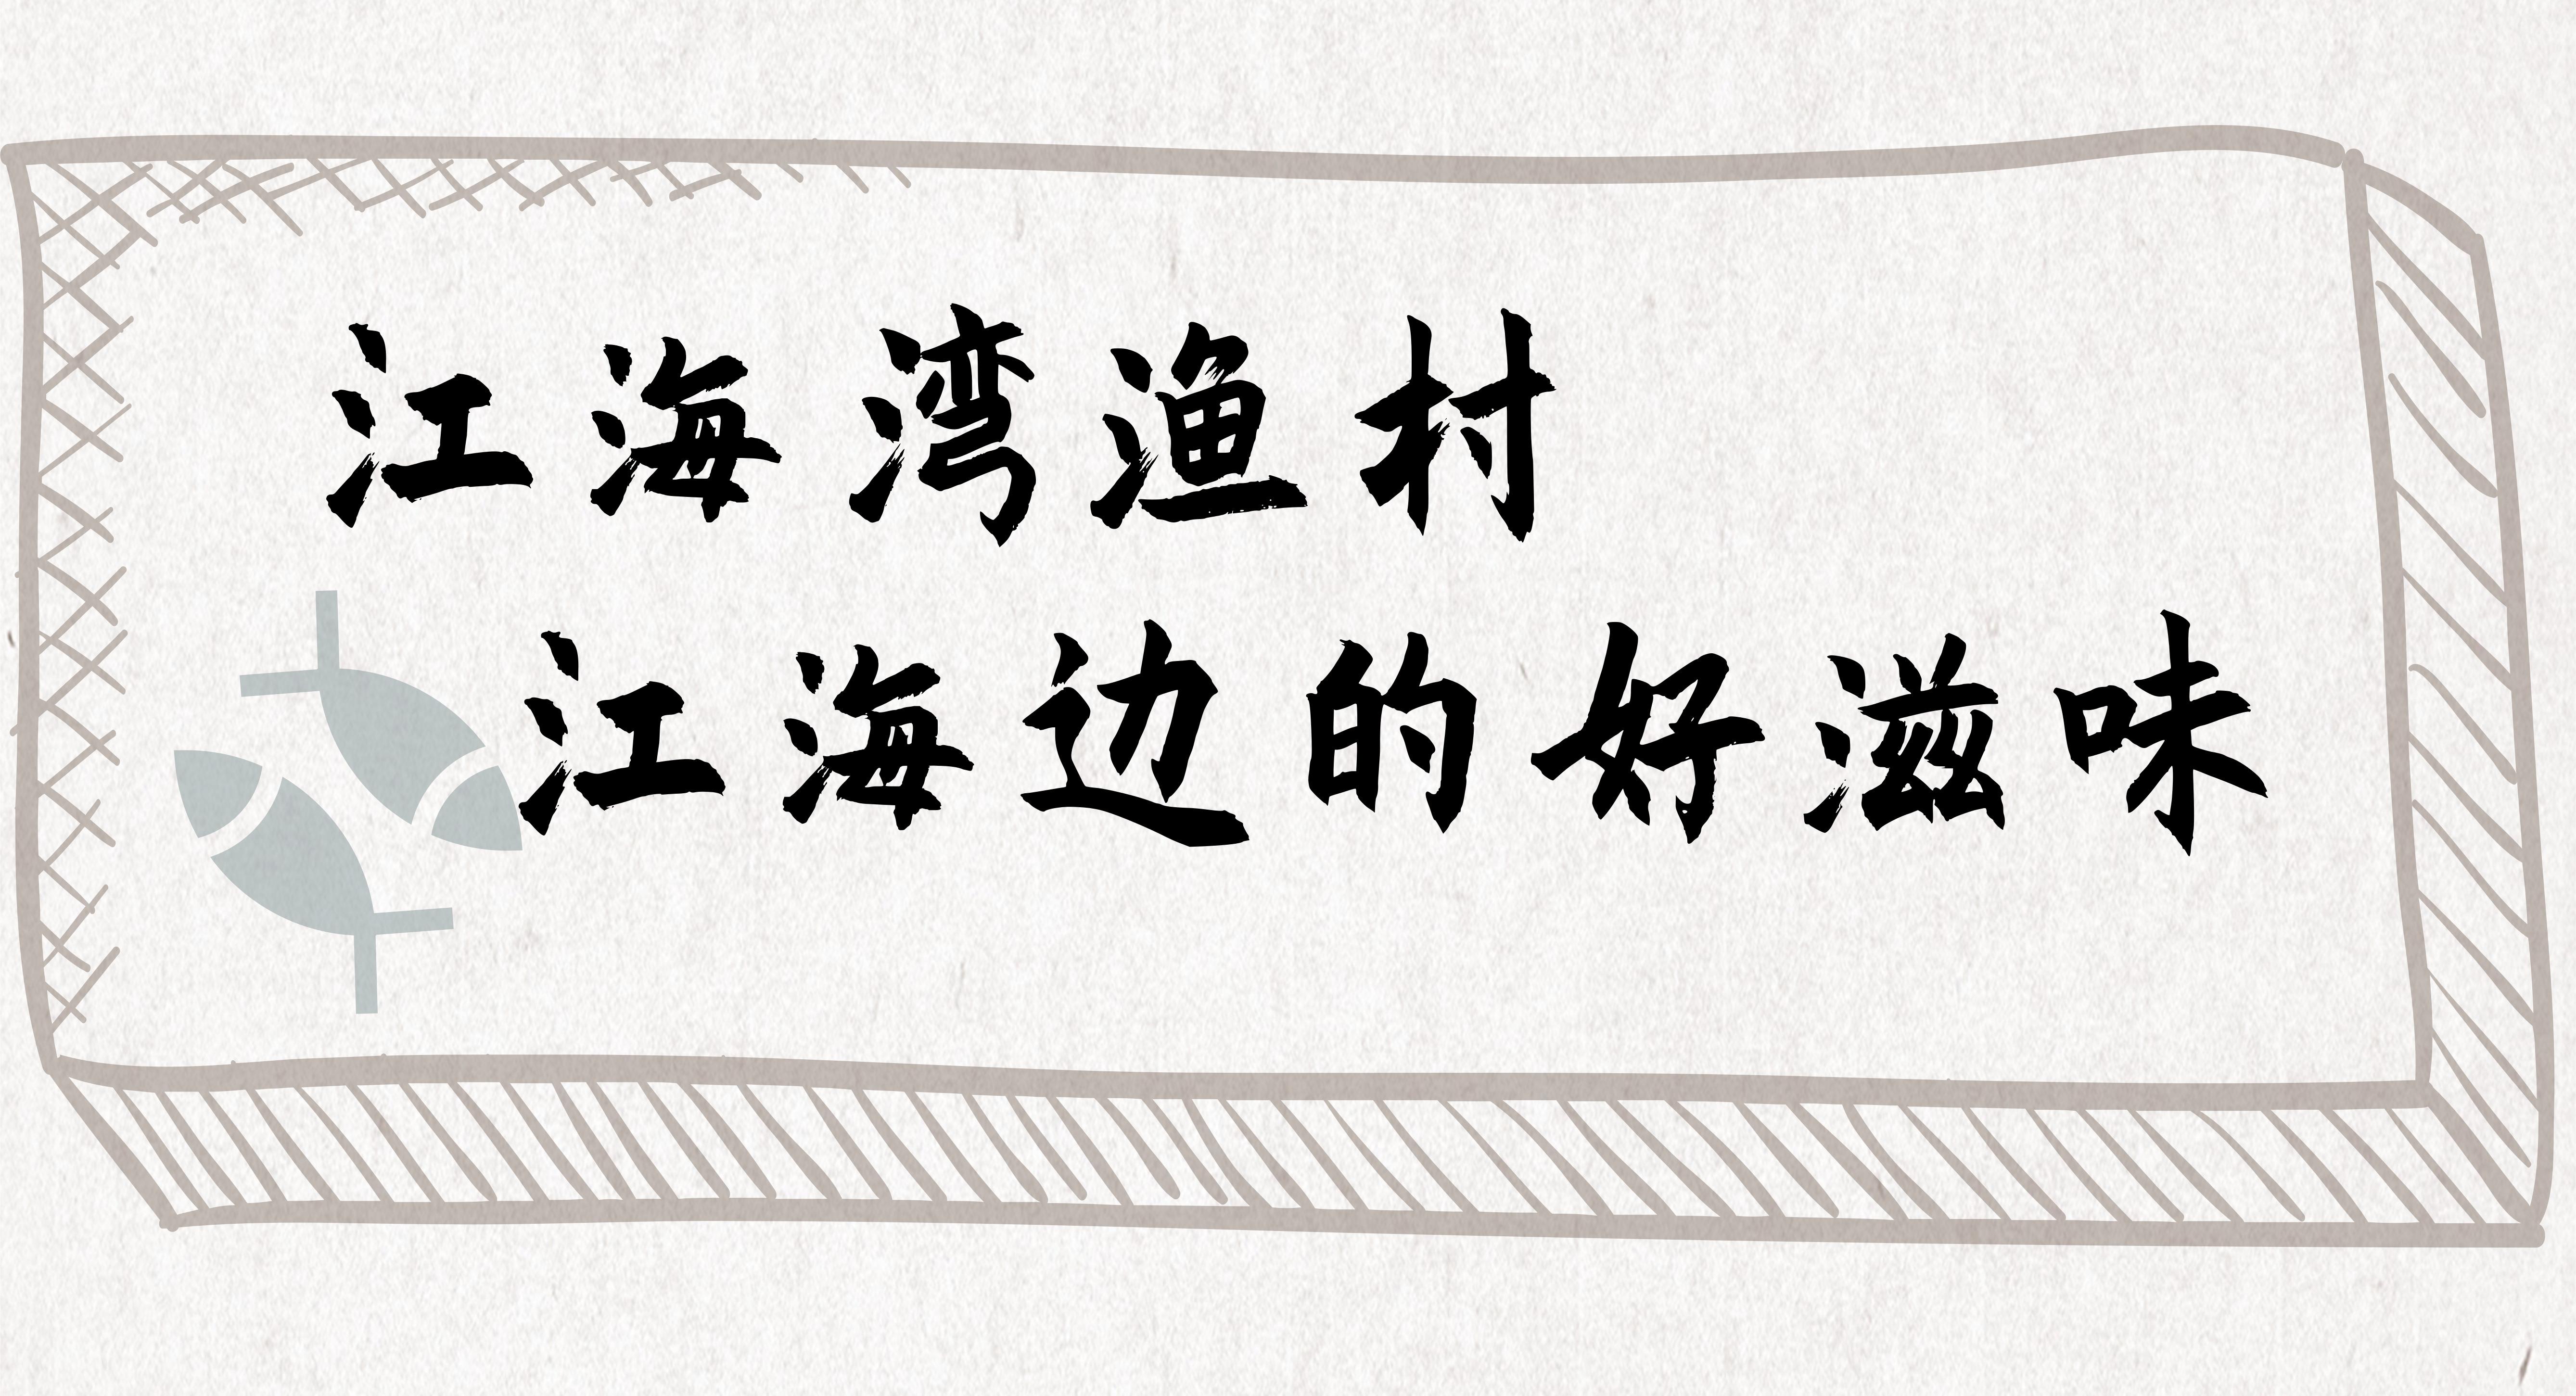 默认标题_自定义cm_2019.09.26 (3).jpg